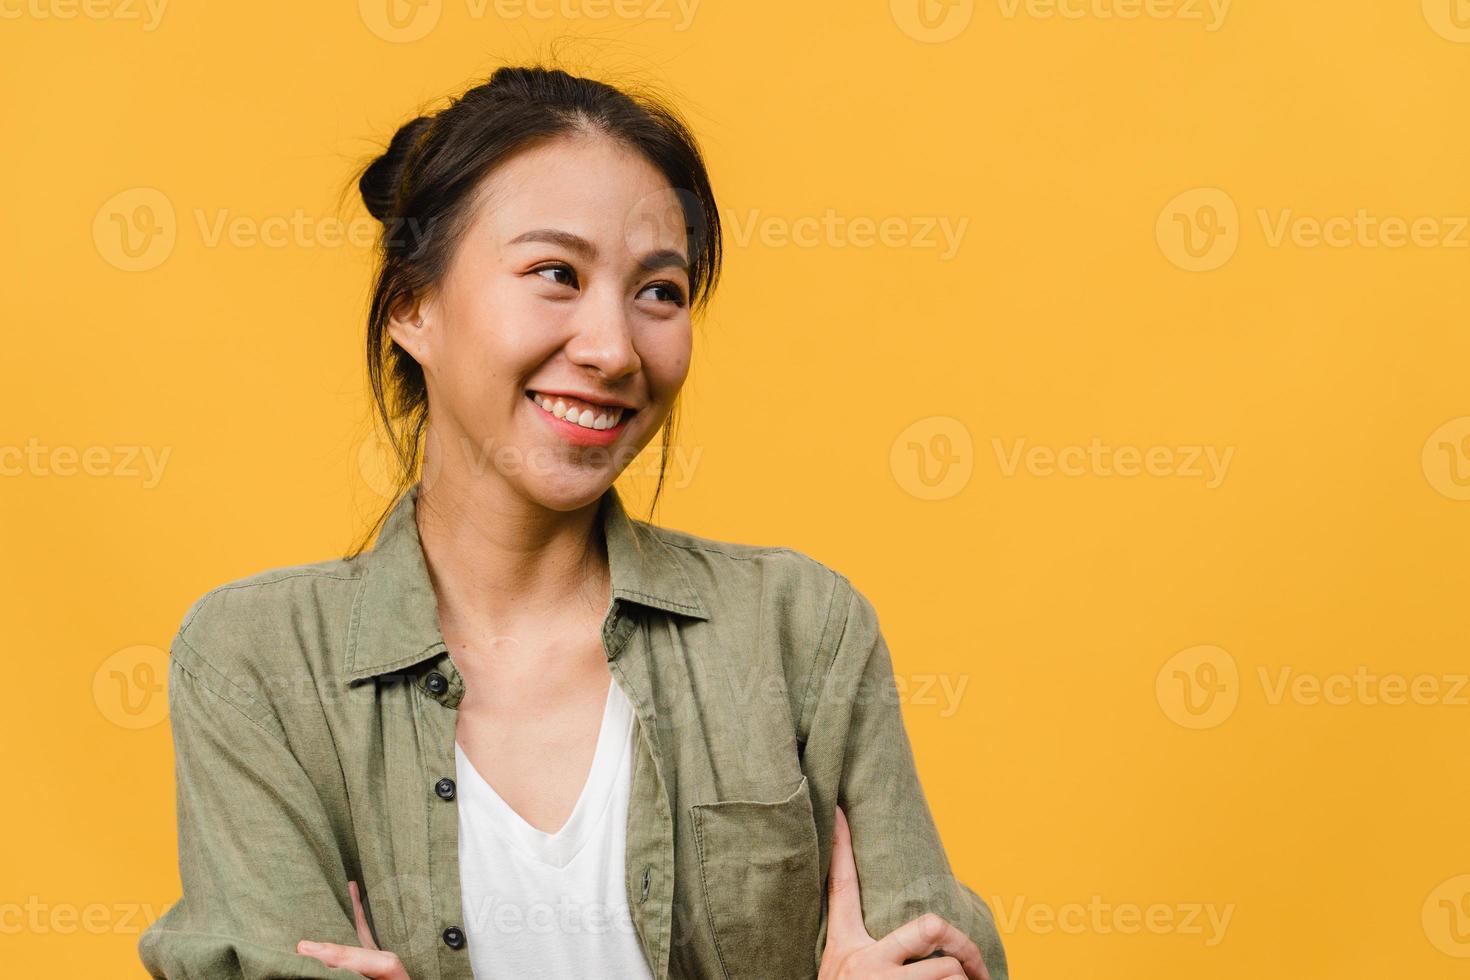 Retrato de joven asiática con expresión positiva, brazos cruzados, sonrisa amplia, vestida con ropa informal sobre fondo amarillo. feliz adorable mujer alegre se regocija con el éxito. concepto de expresión facial. foto